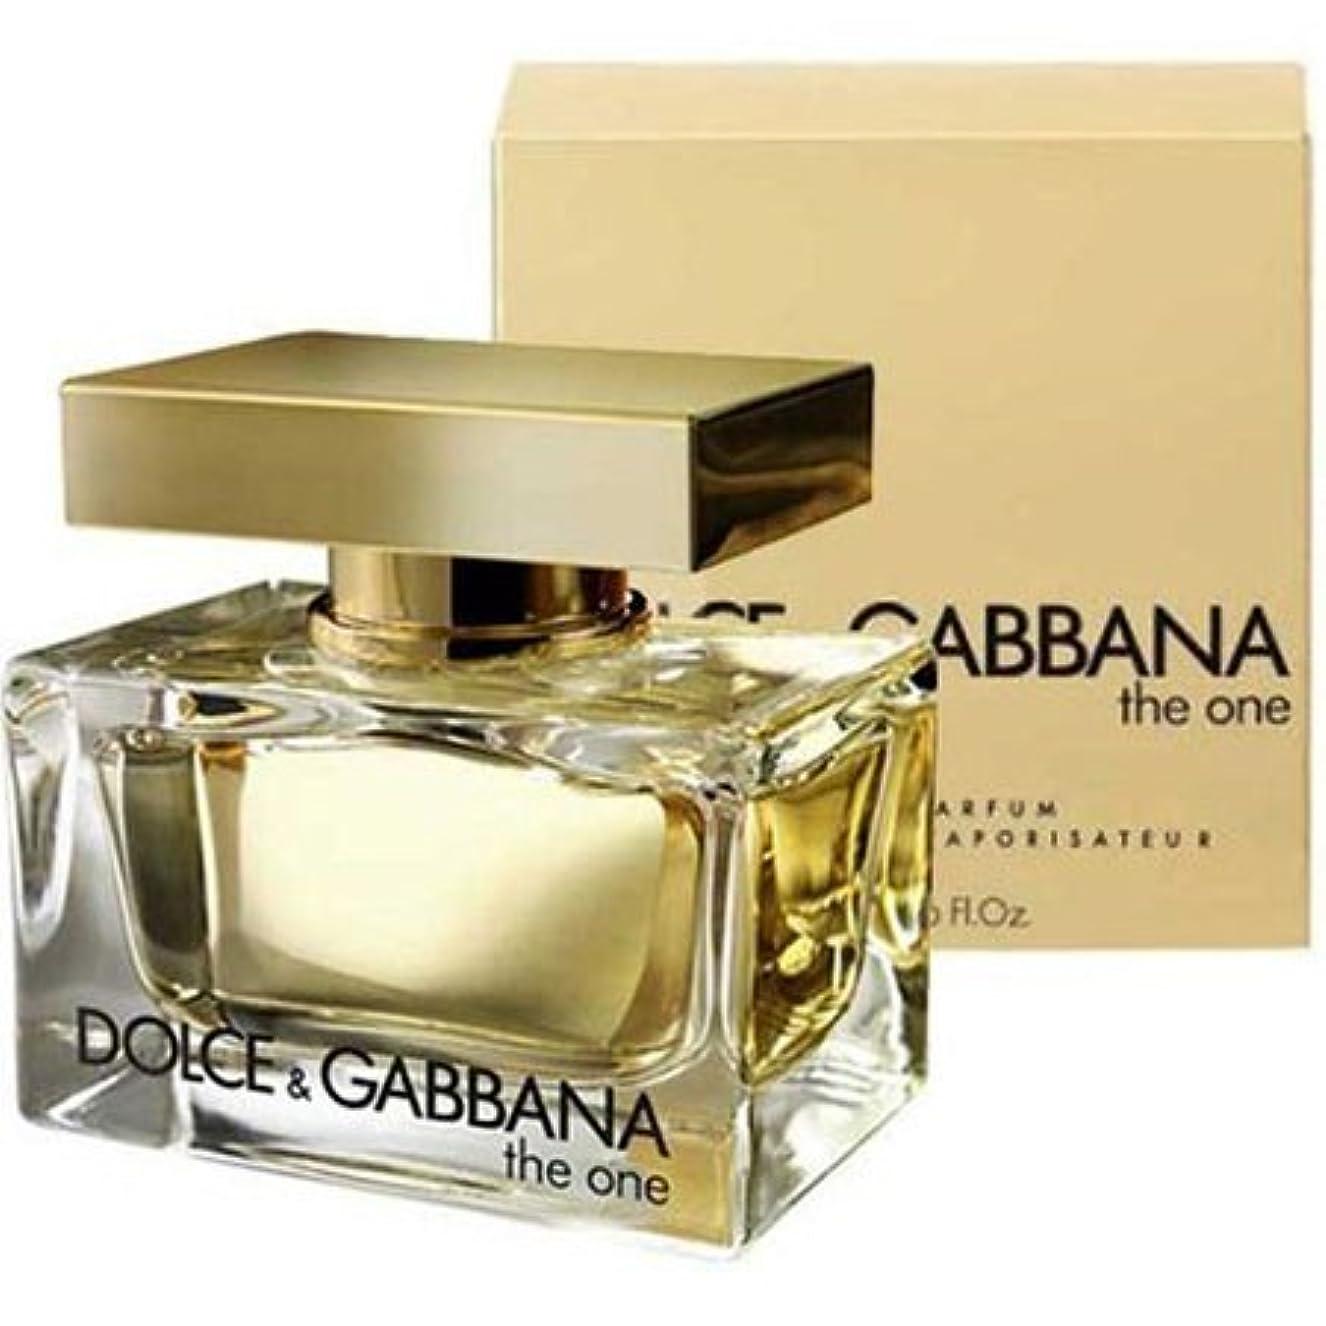 前に期限切れエレクトロニックDolce&Gabbana(ドルチェ&ガッパーナ) ザ ワン オードパルファムスプレー 75ml/2.5oz [並行輸入品][海外直送品]